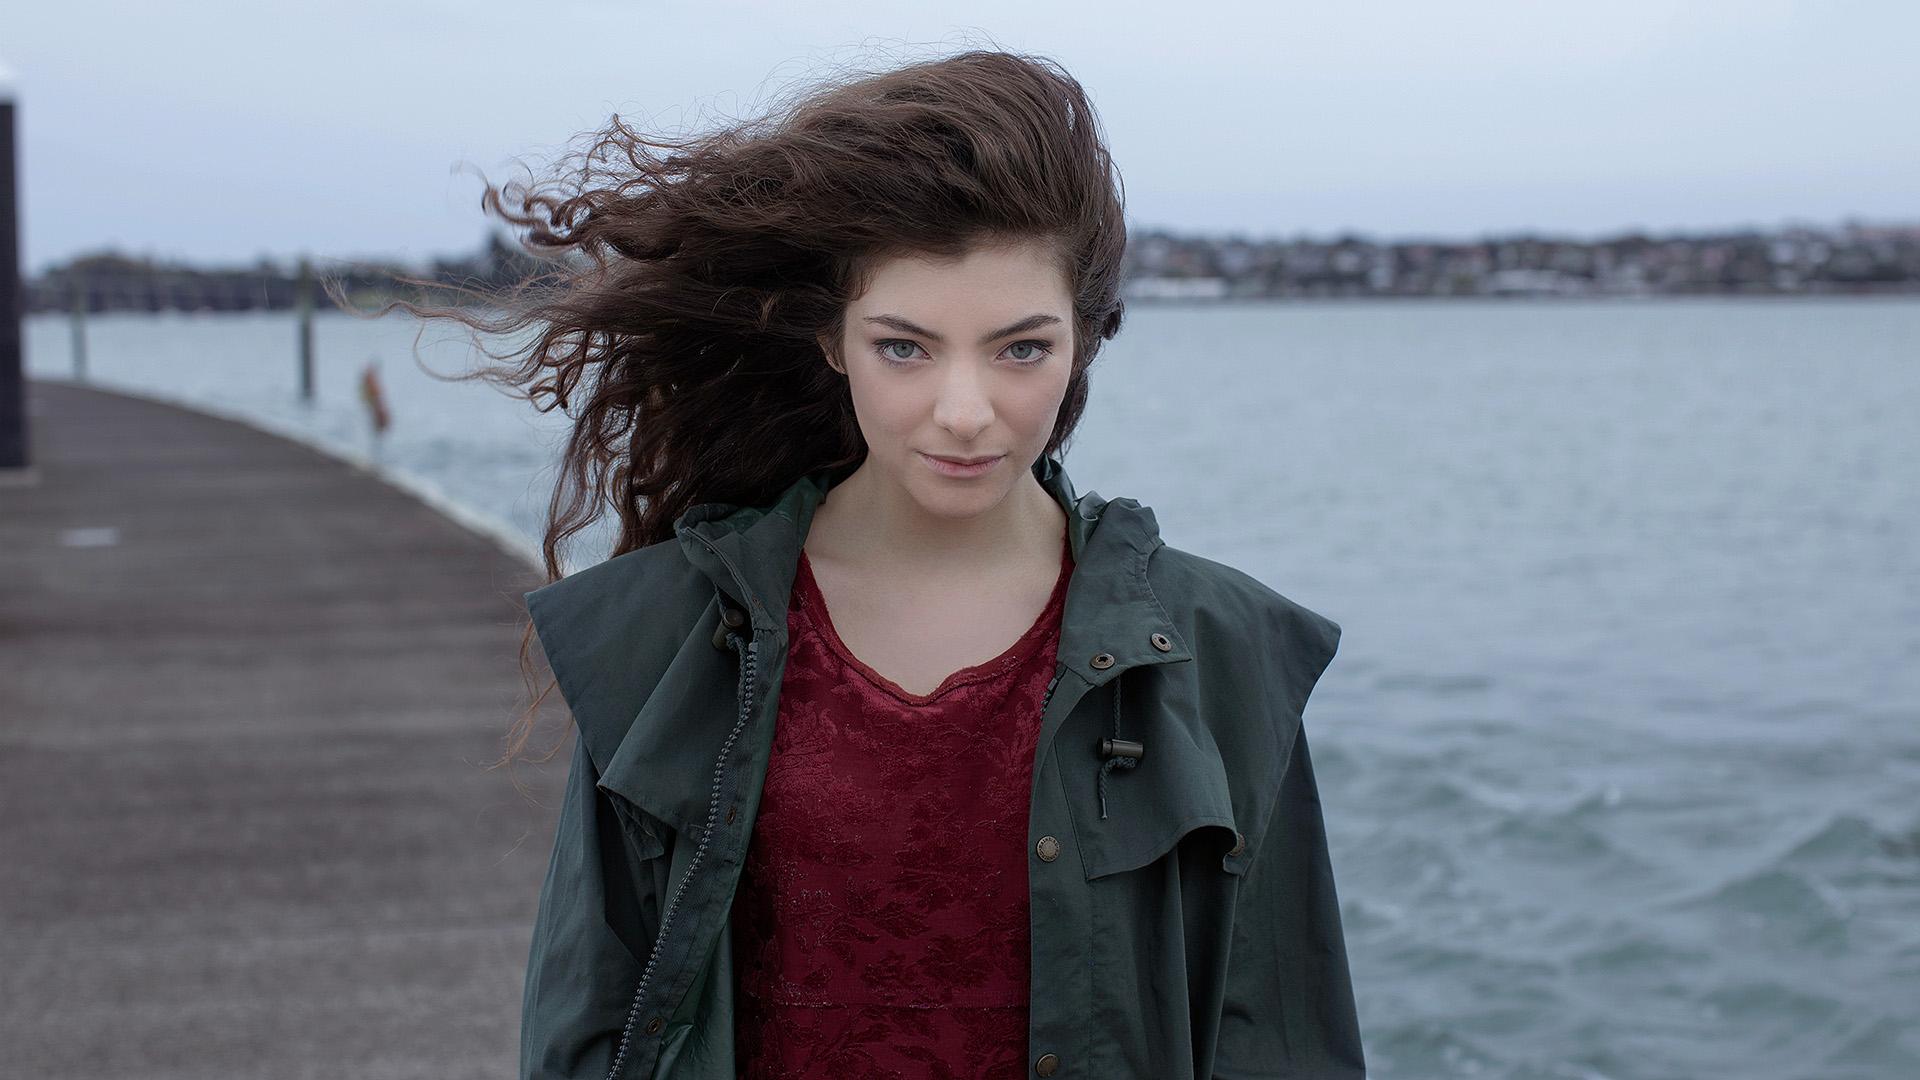 Lorde | Music fanart | fanart.tv Lorde Photoshoot 2013